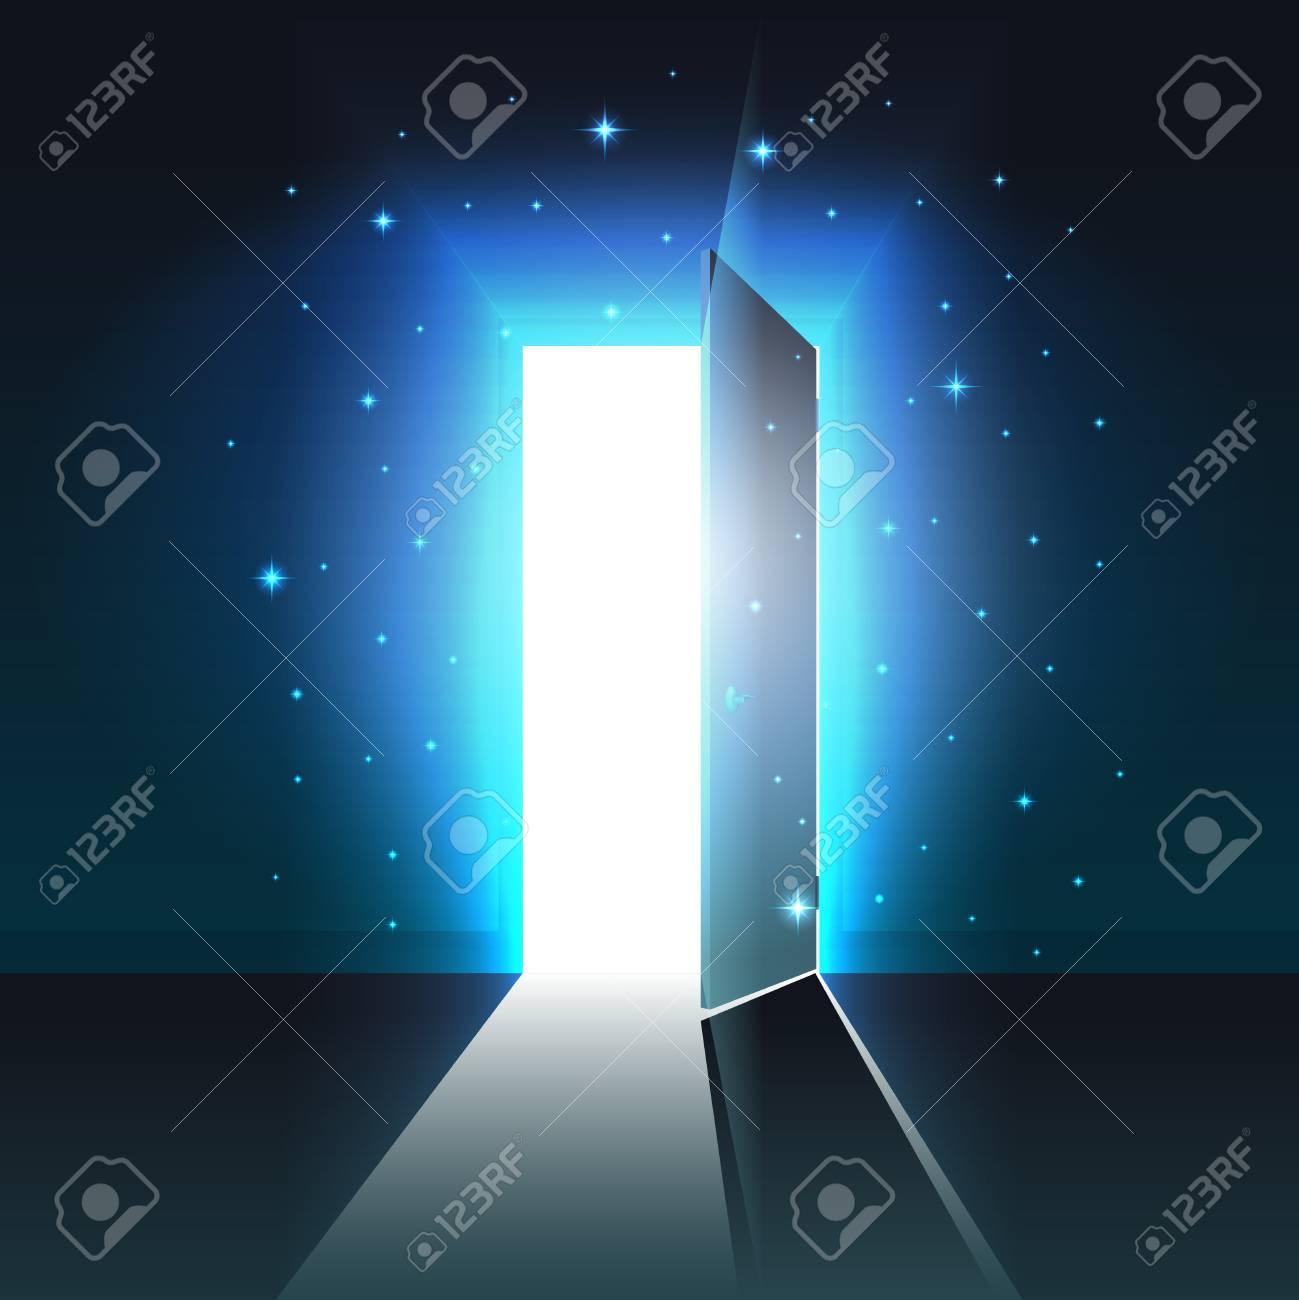 Mystical light from the open door of a dark room, abstract glowing exit, background, open door template, mock up - 113578510